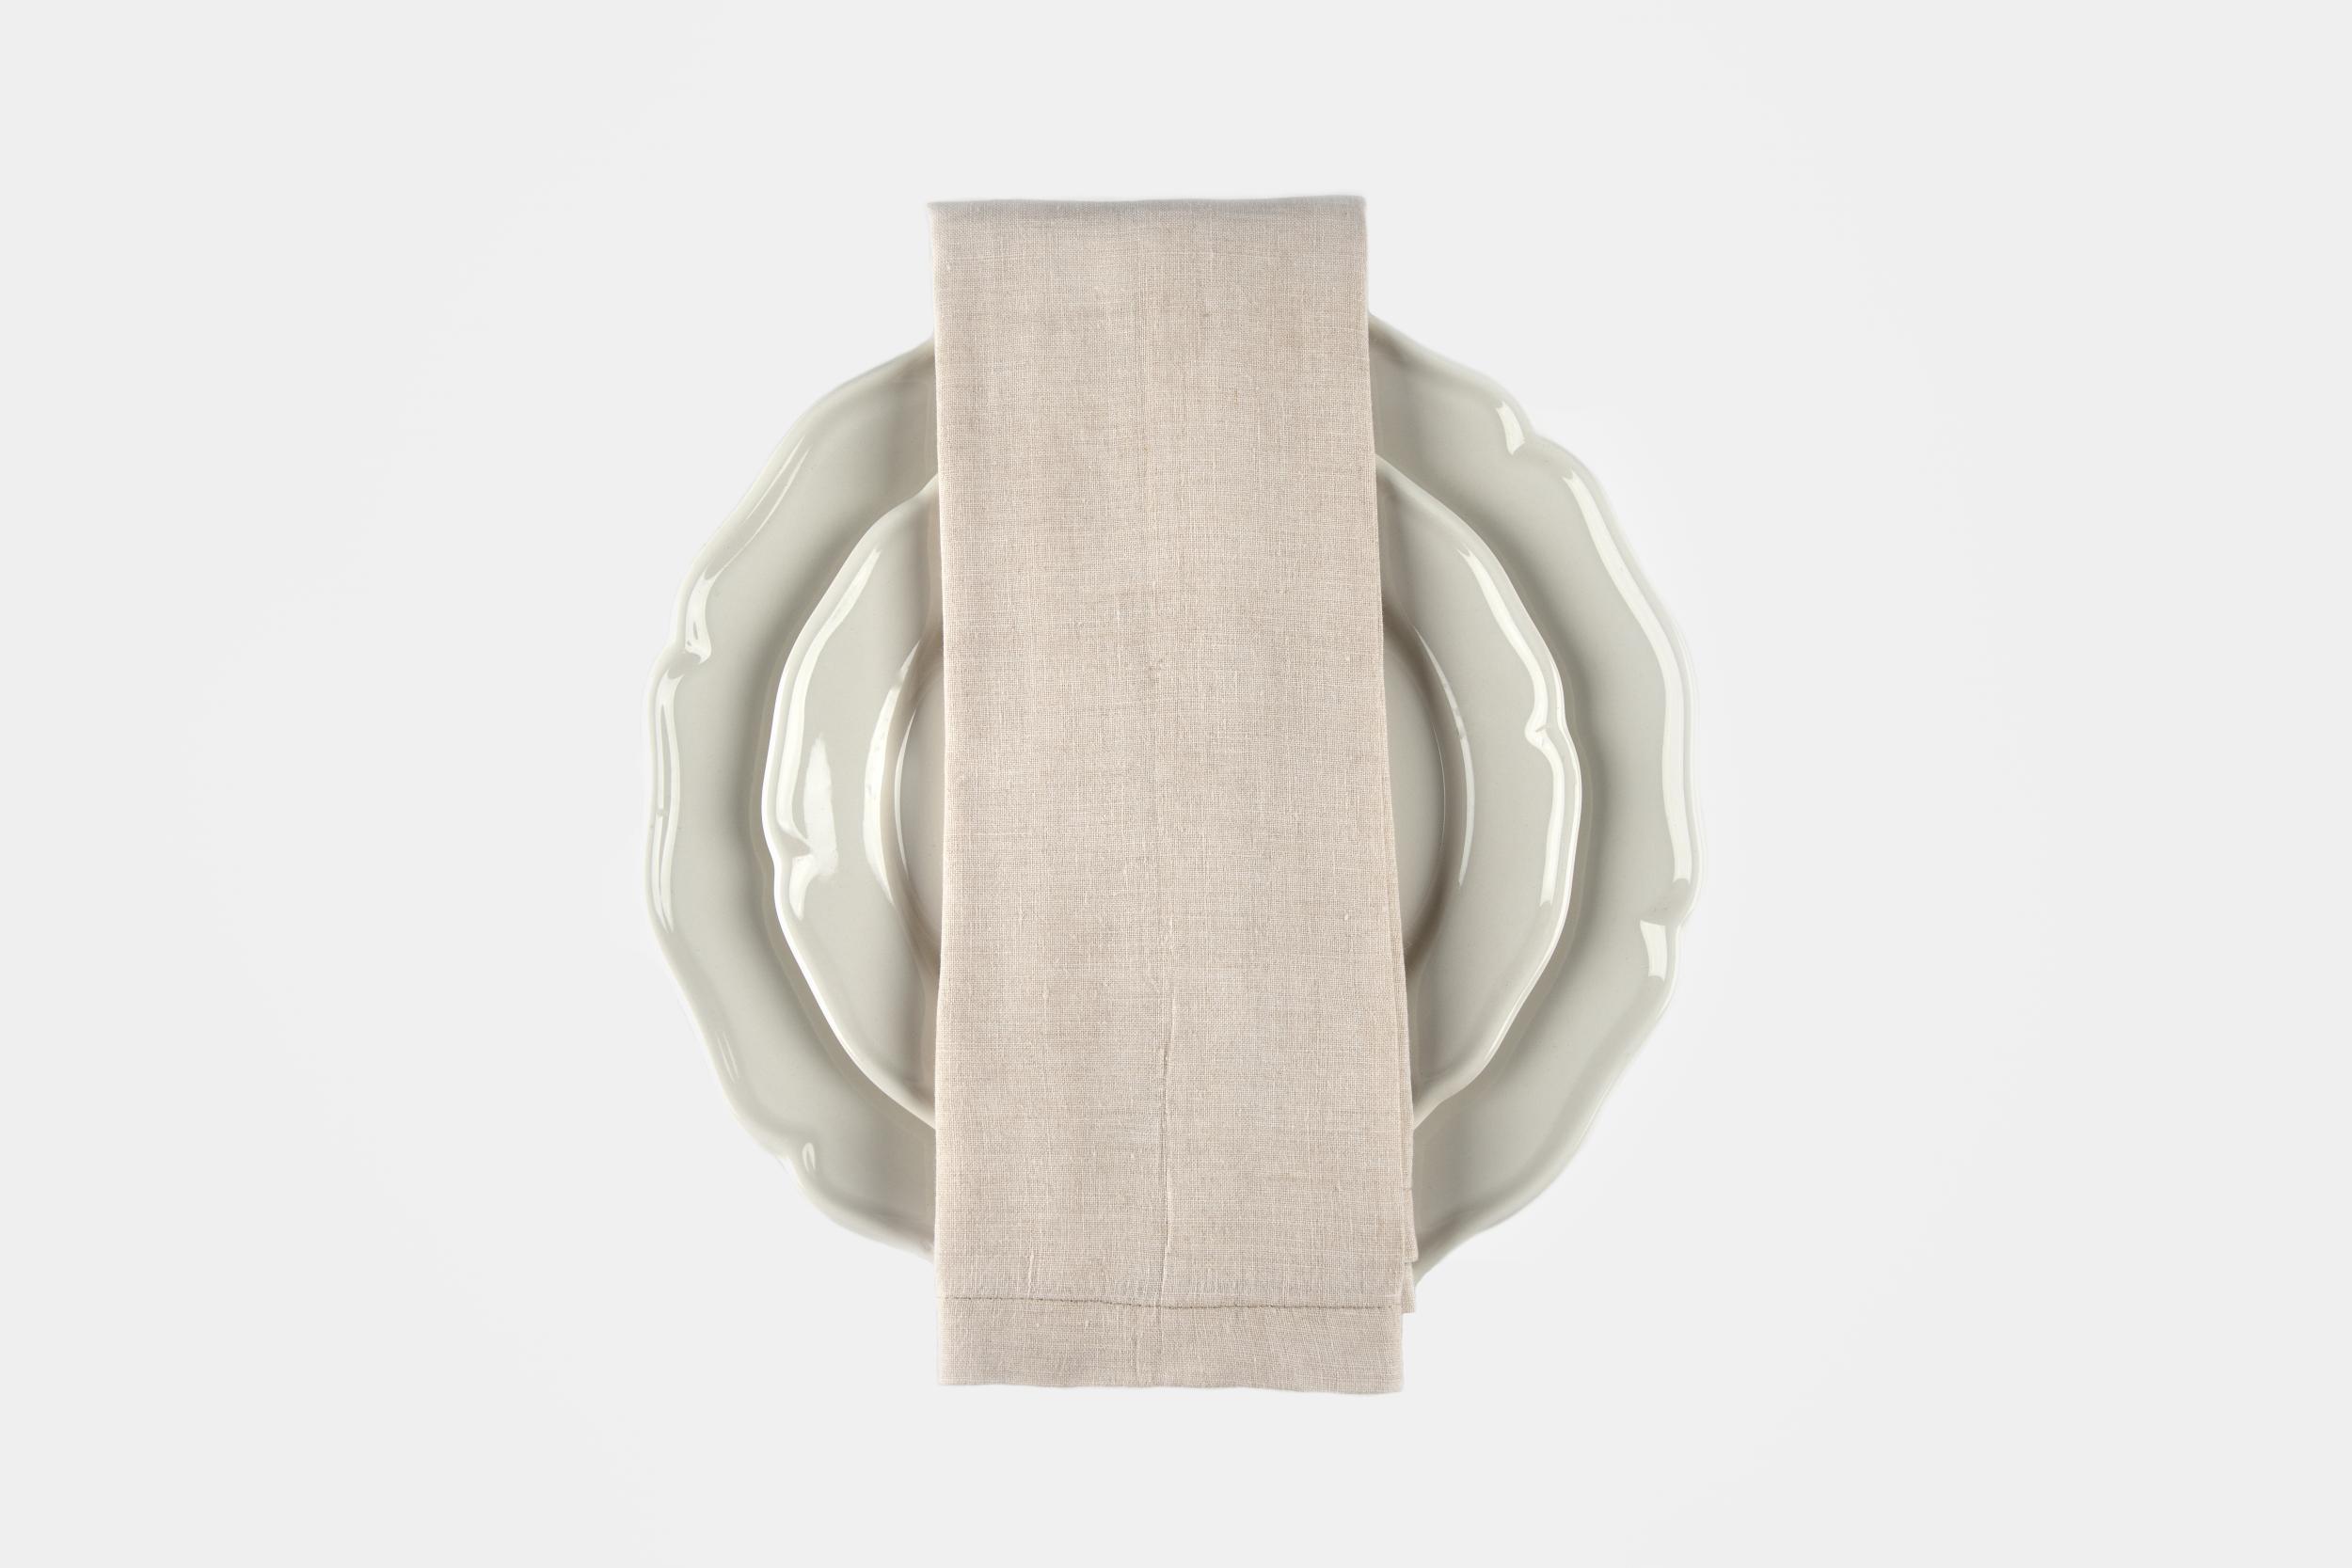 Sand colour linen napkin - Image 0